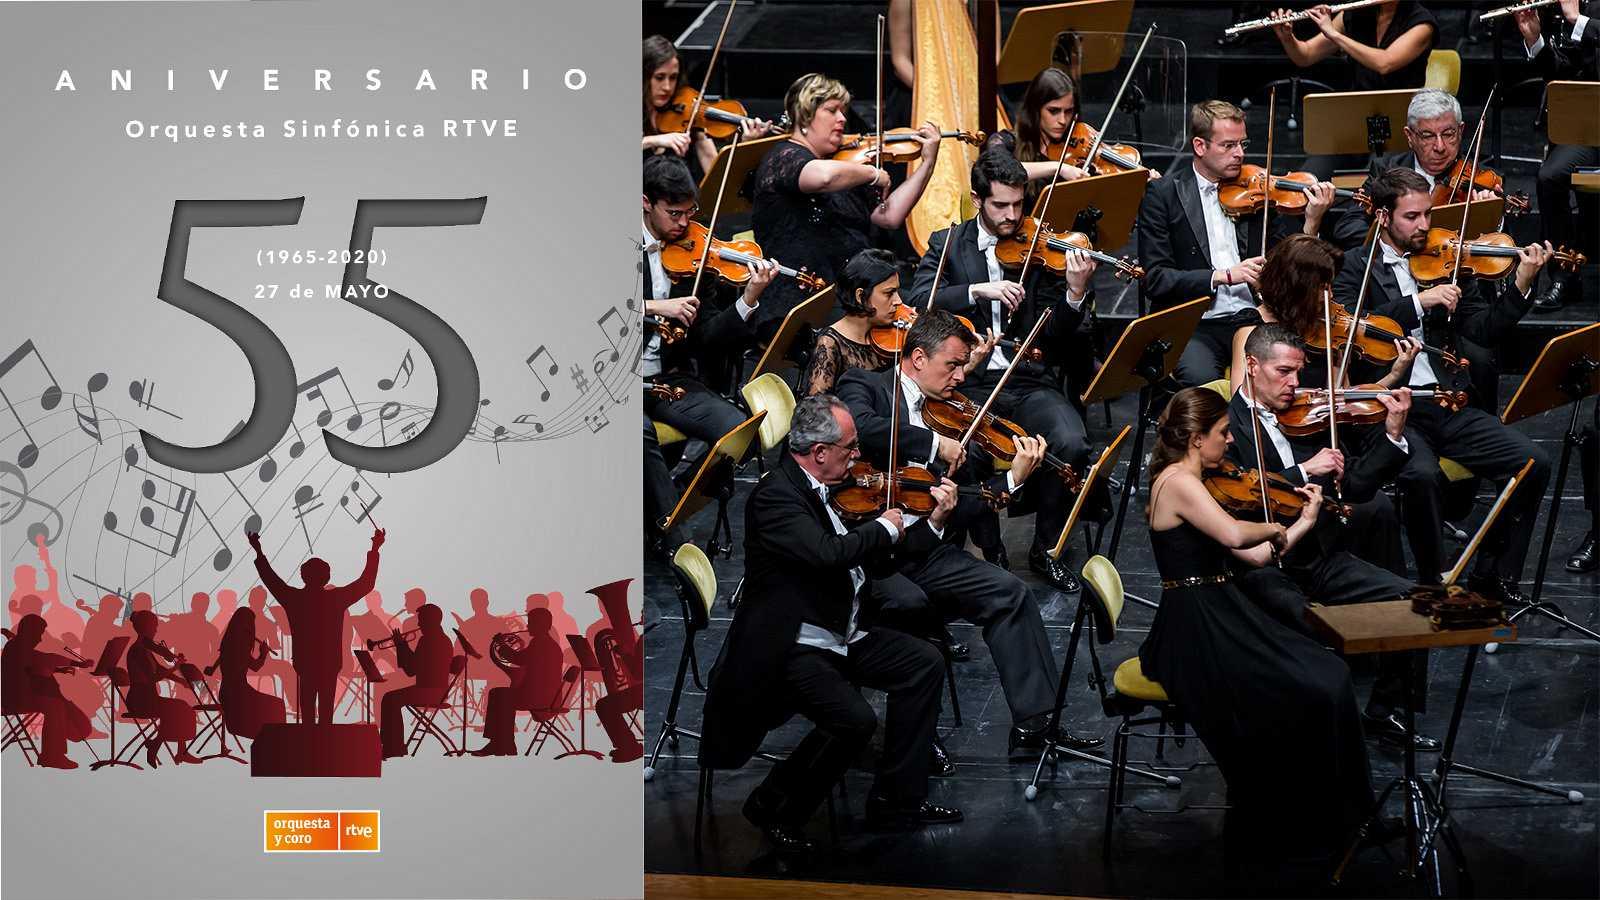 55º aniversario de la Orquesta Sinfónica RTVE